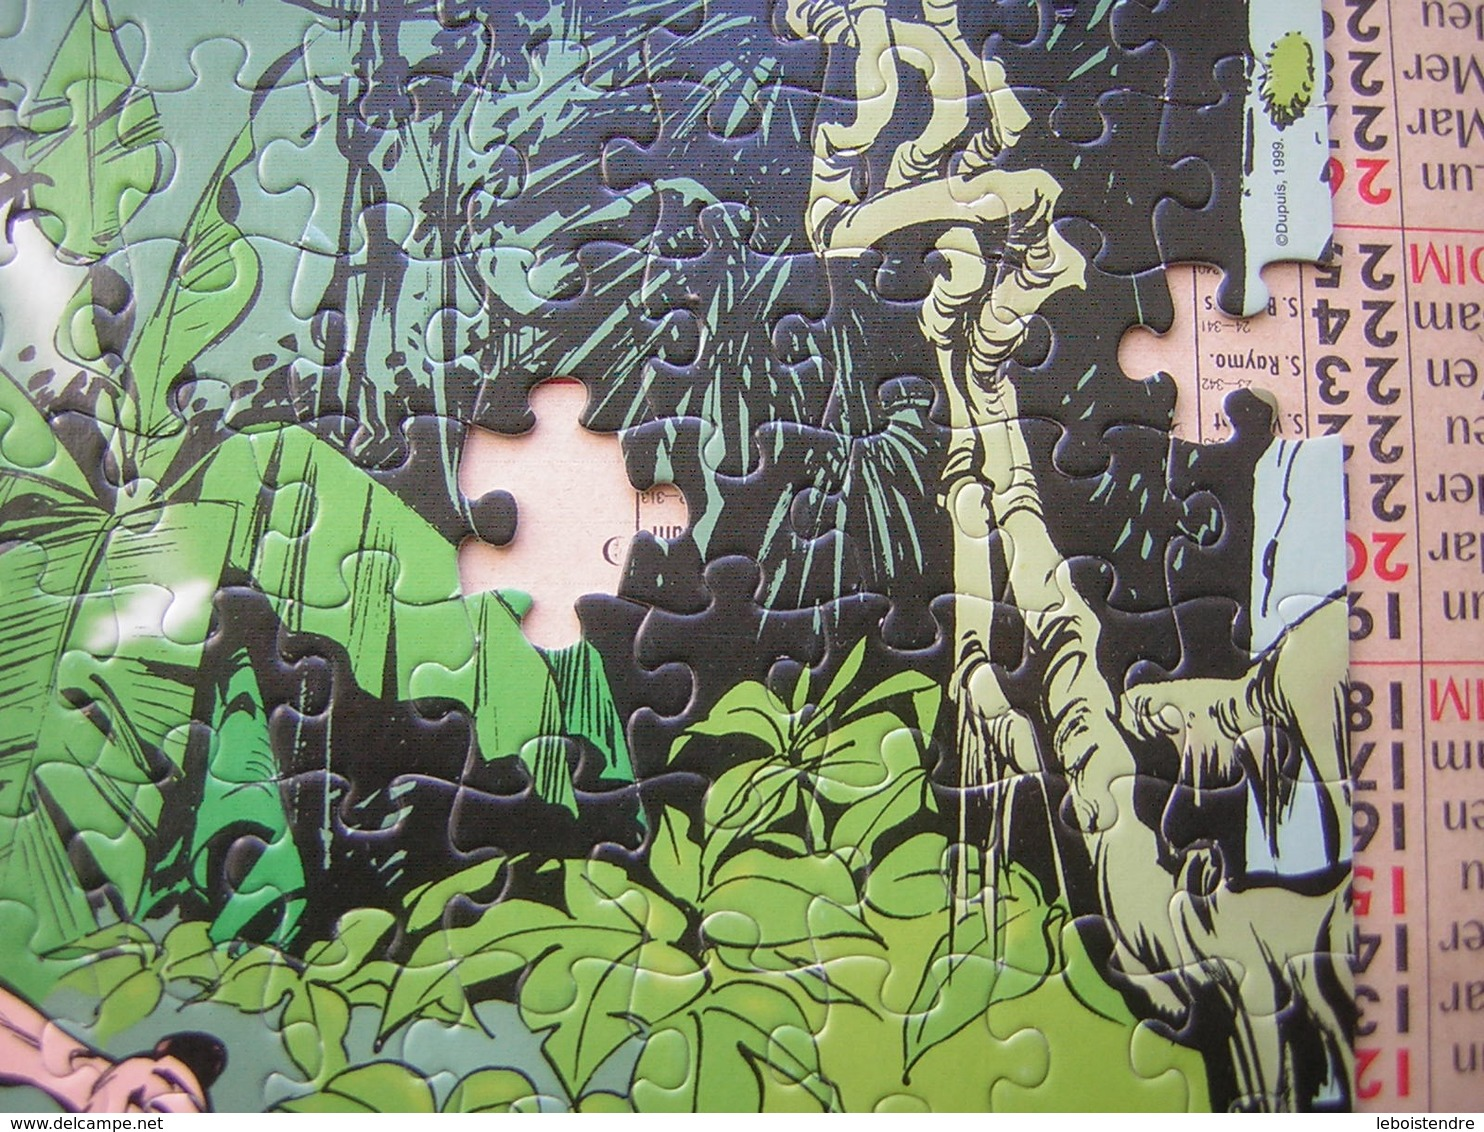 PUZZLE 200 PIECES 418 X 339 MM SPIROU MB ATTENTION MANQUE 4 PIECES RESTE 196 PIECES - Puzzles